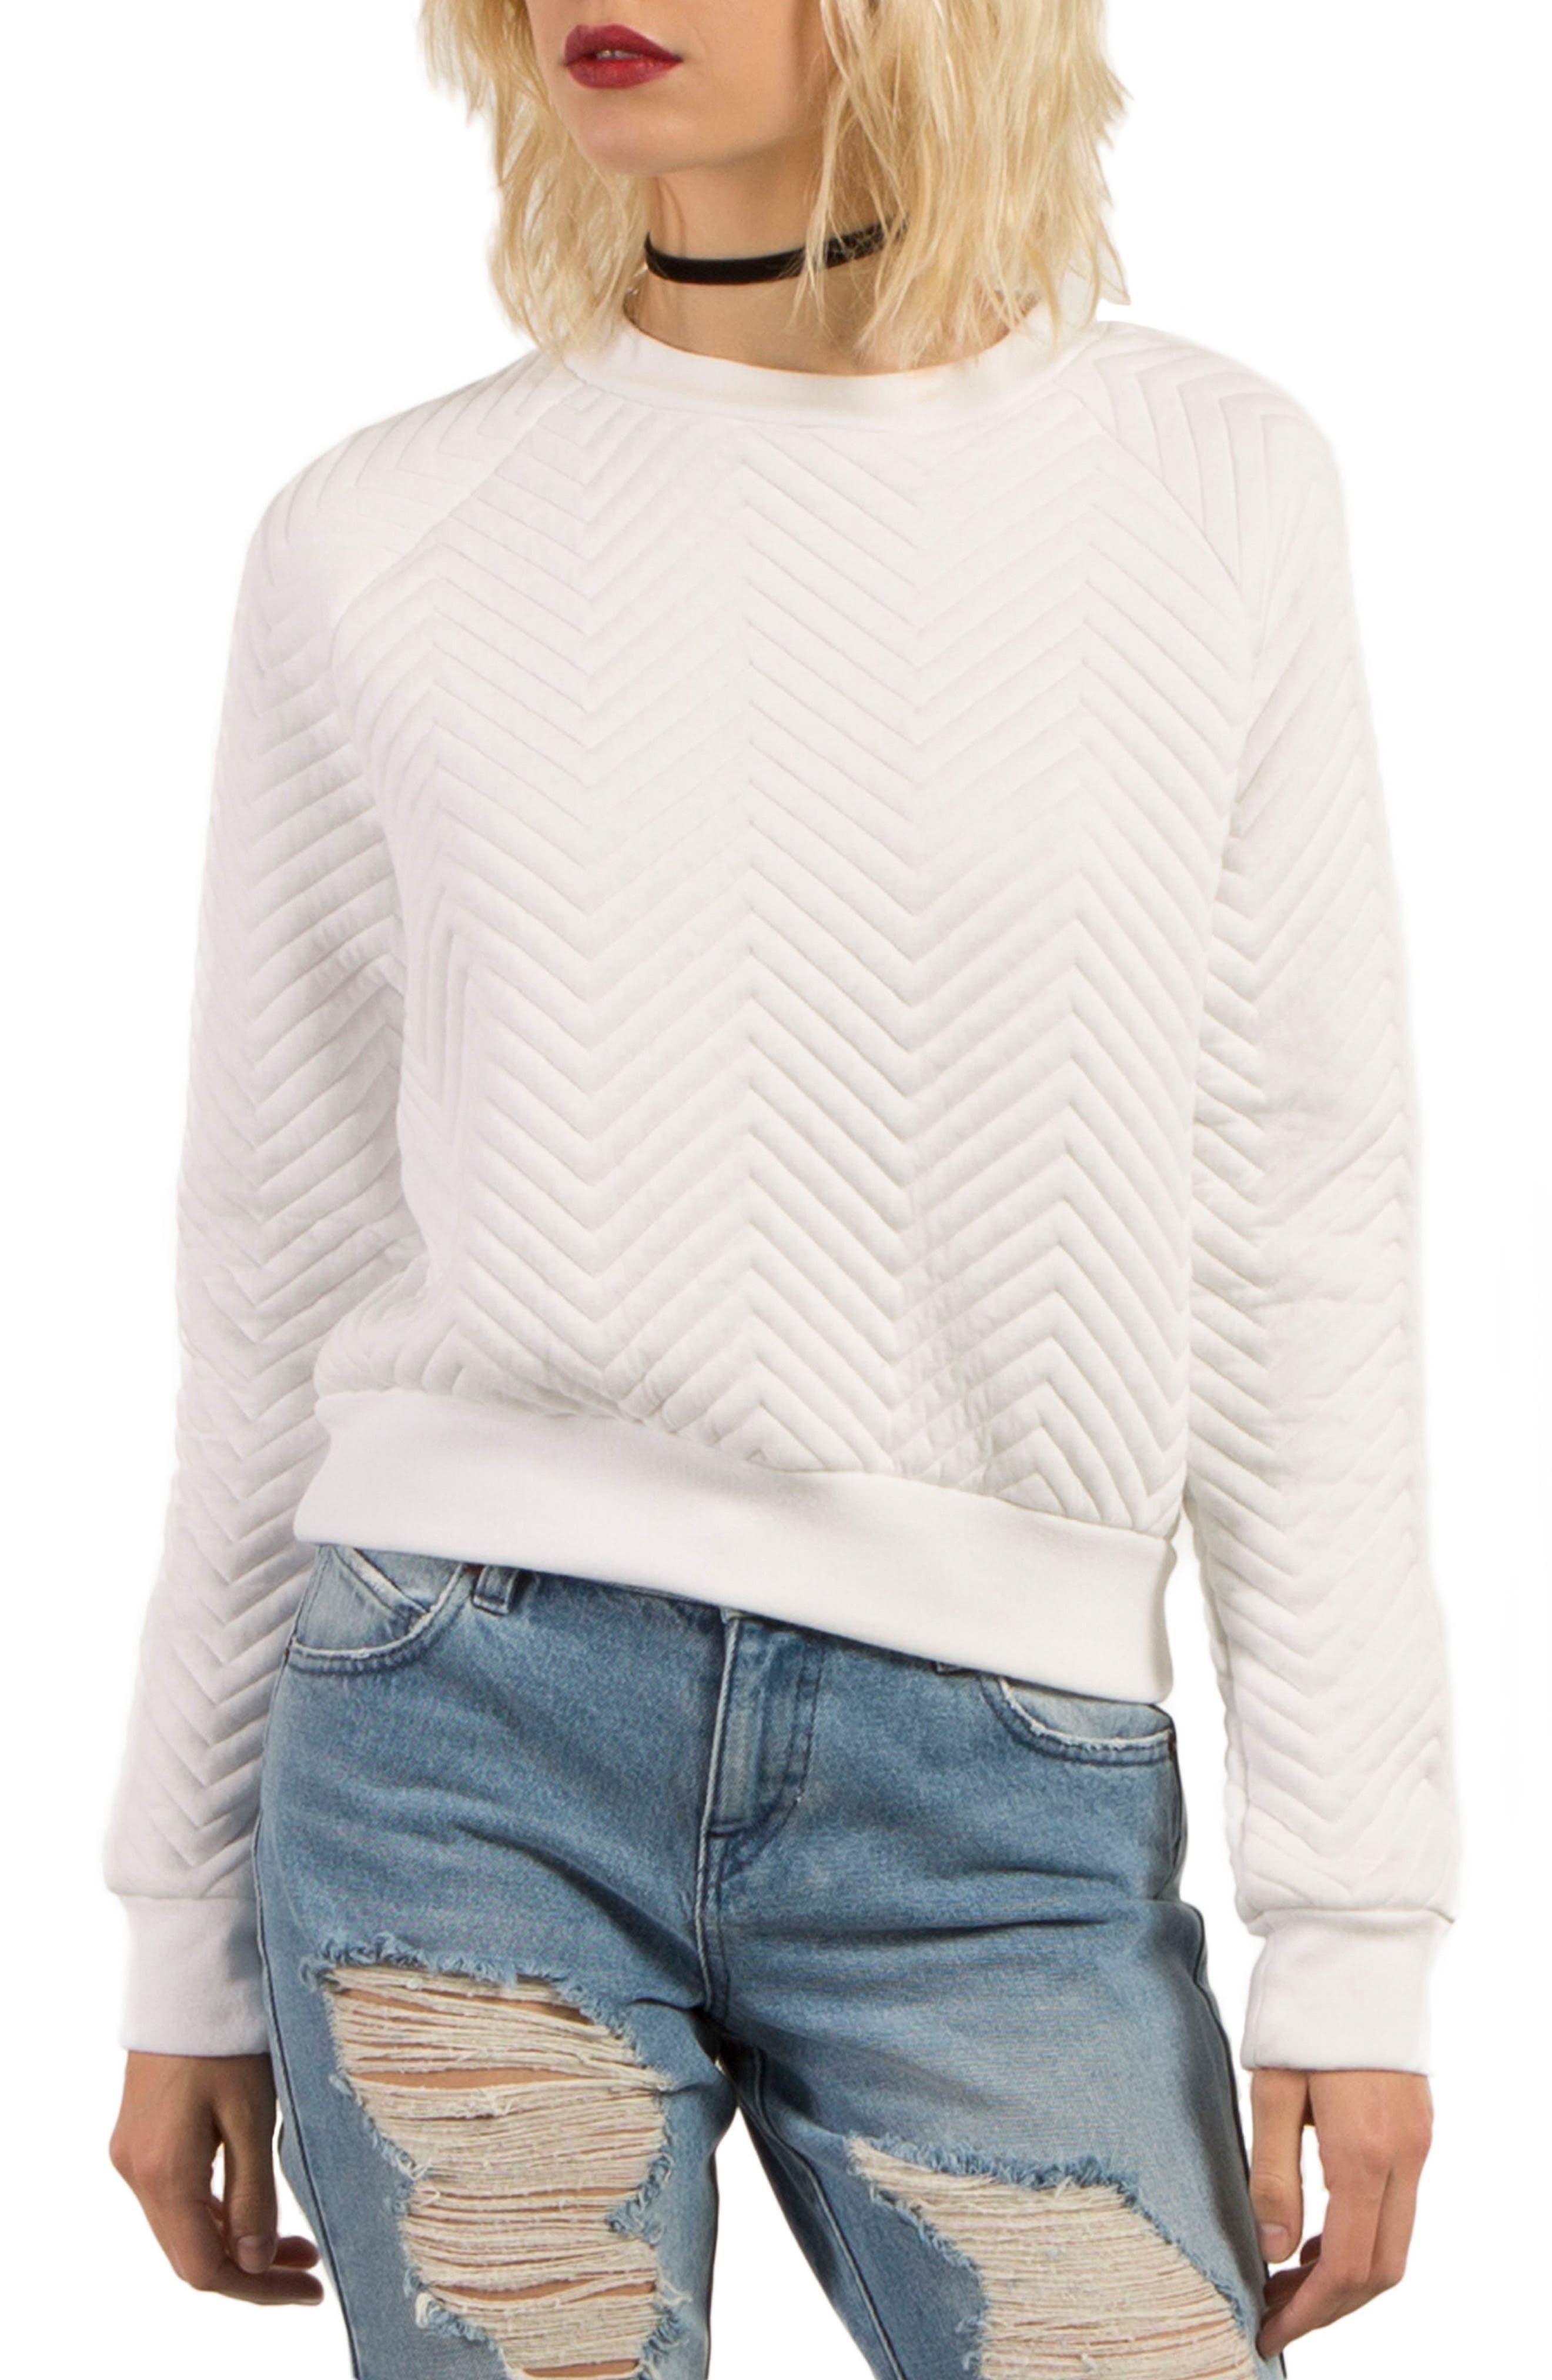 Cozy Dayz Sweatshirt,                         Main,                         color, 100